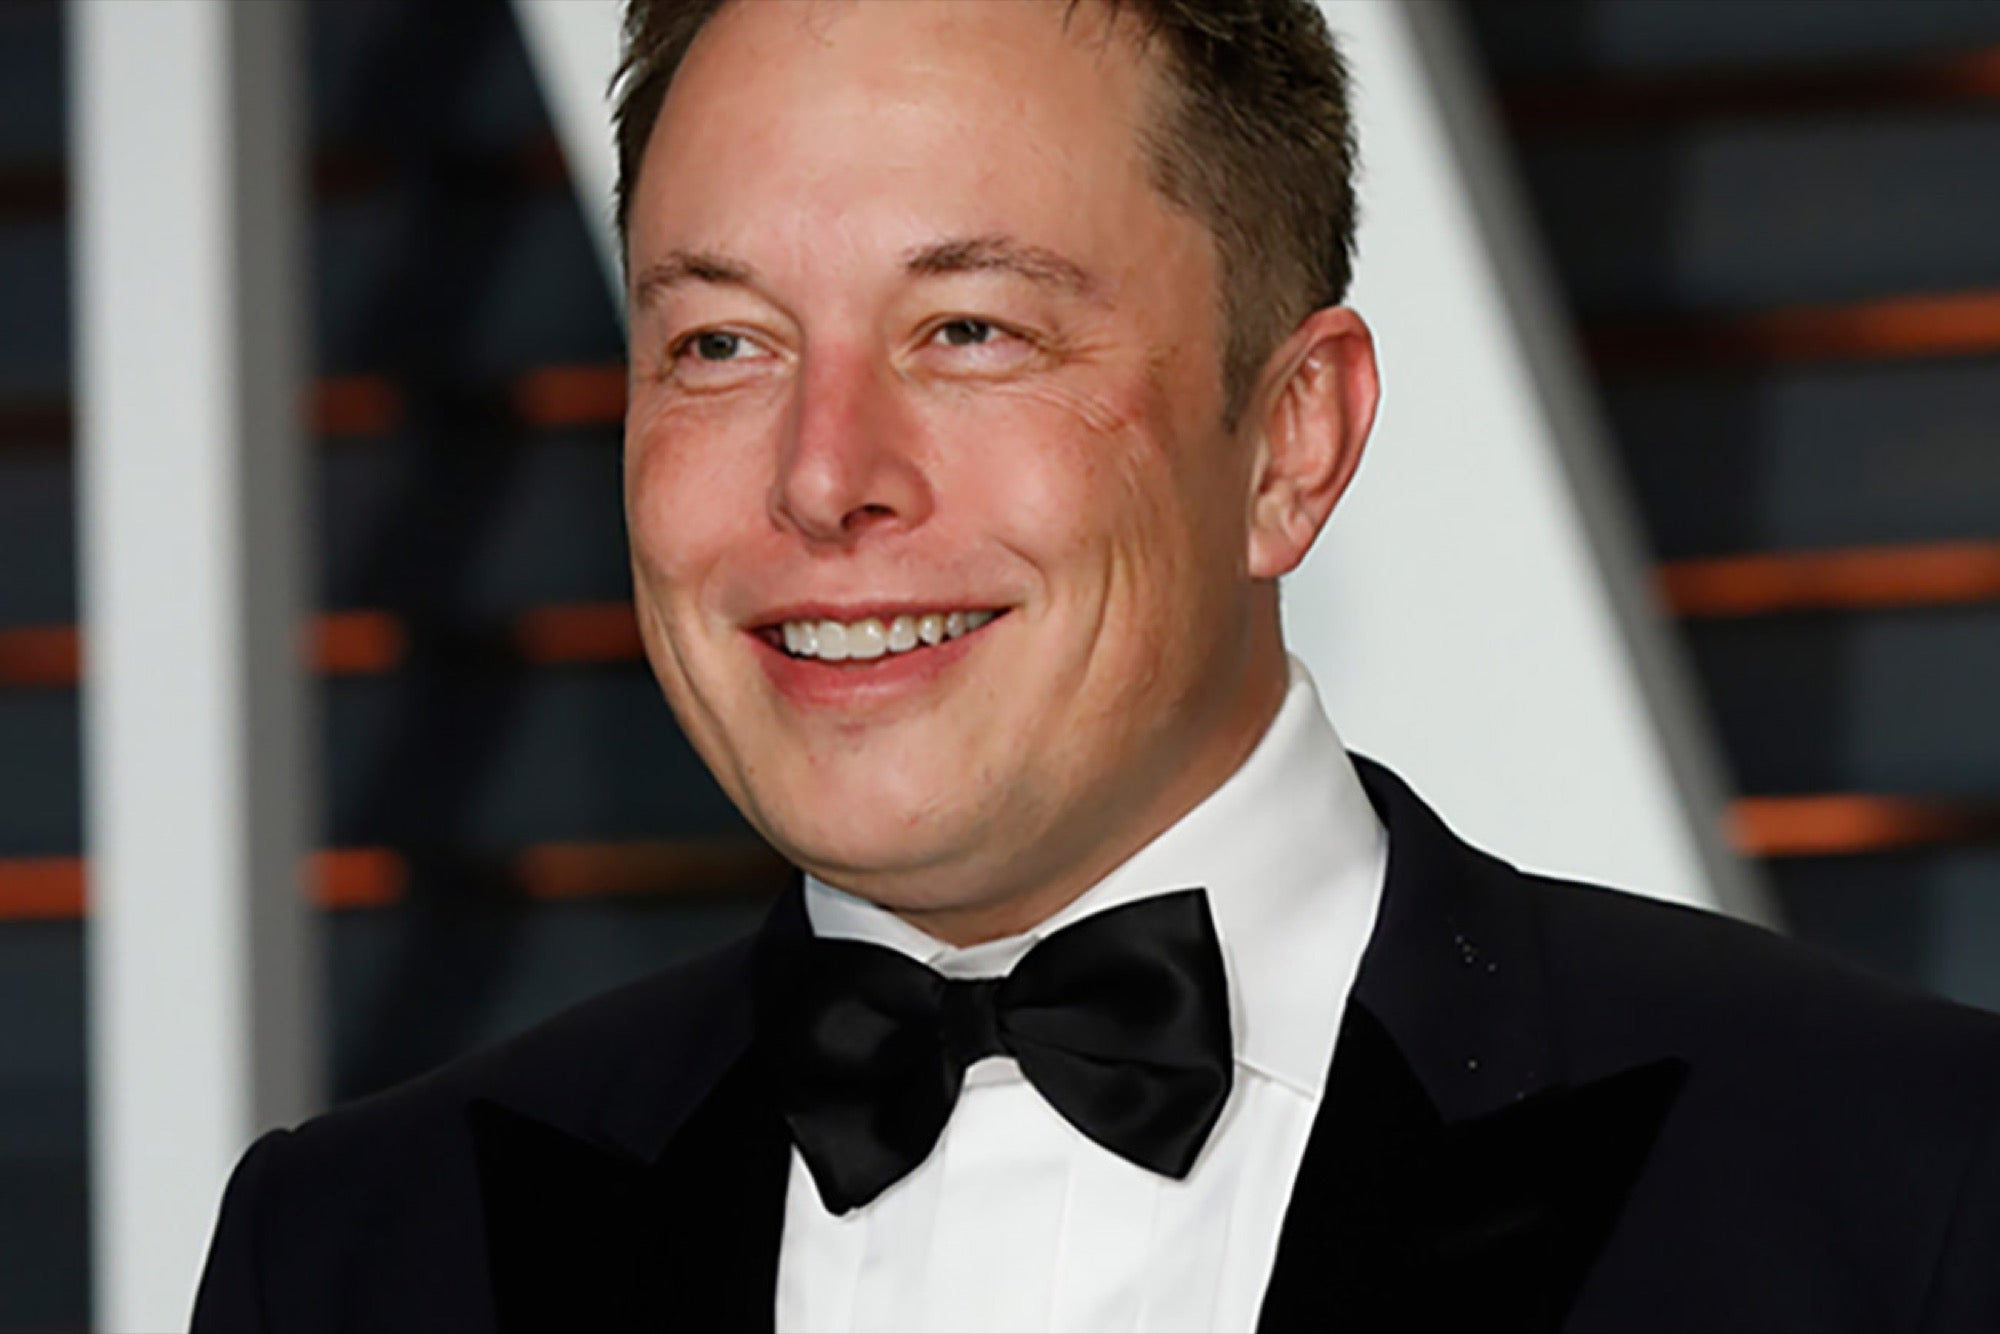 Quien Es Elon Musk Biografia Edad Y Fortuna Del Emprendedor De Tesla Y Spacex